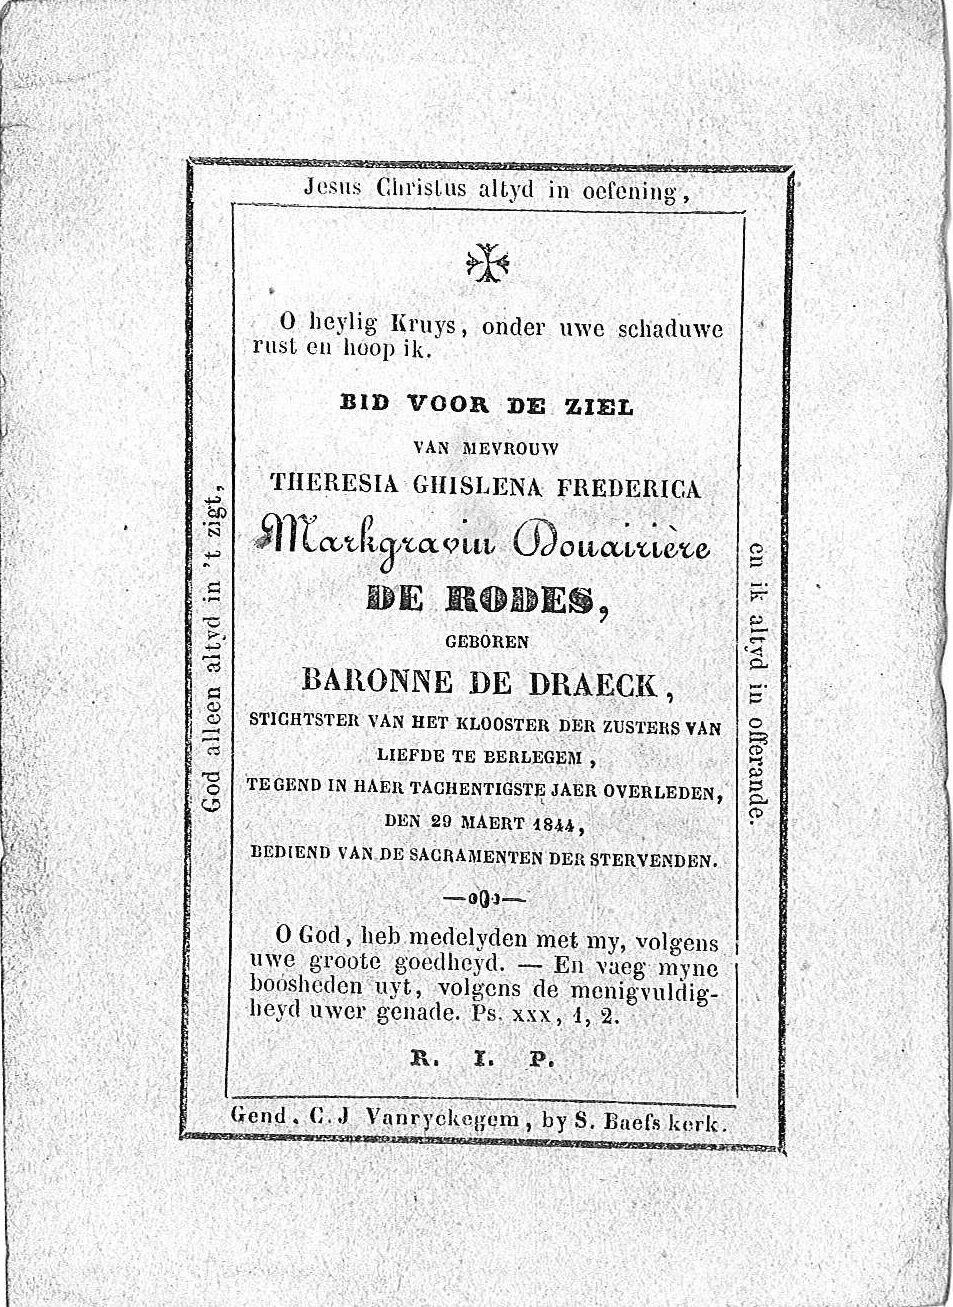 Theresia-Ghislena-Frederica-(1844)-20121030135741_00018.jpg